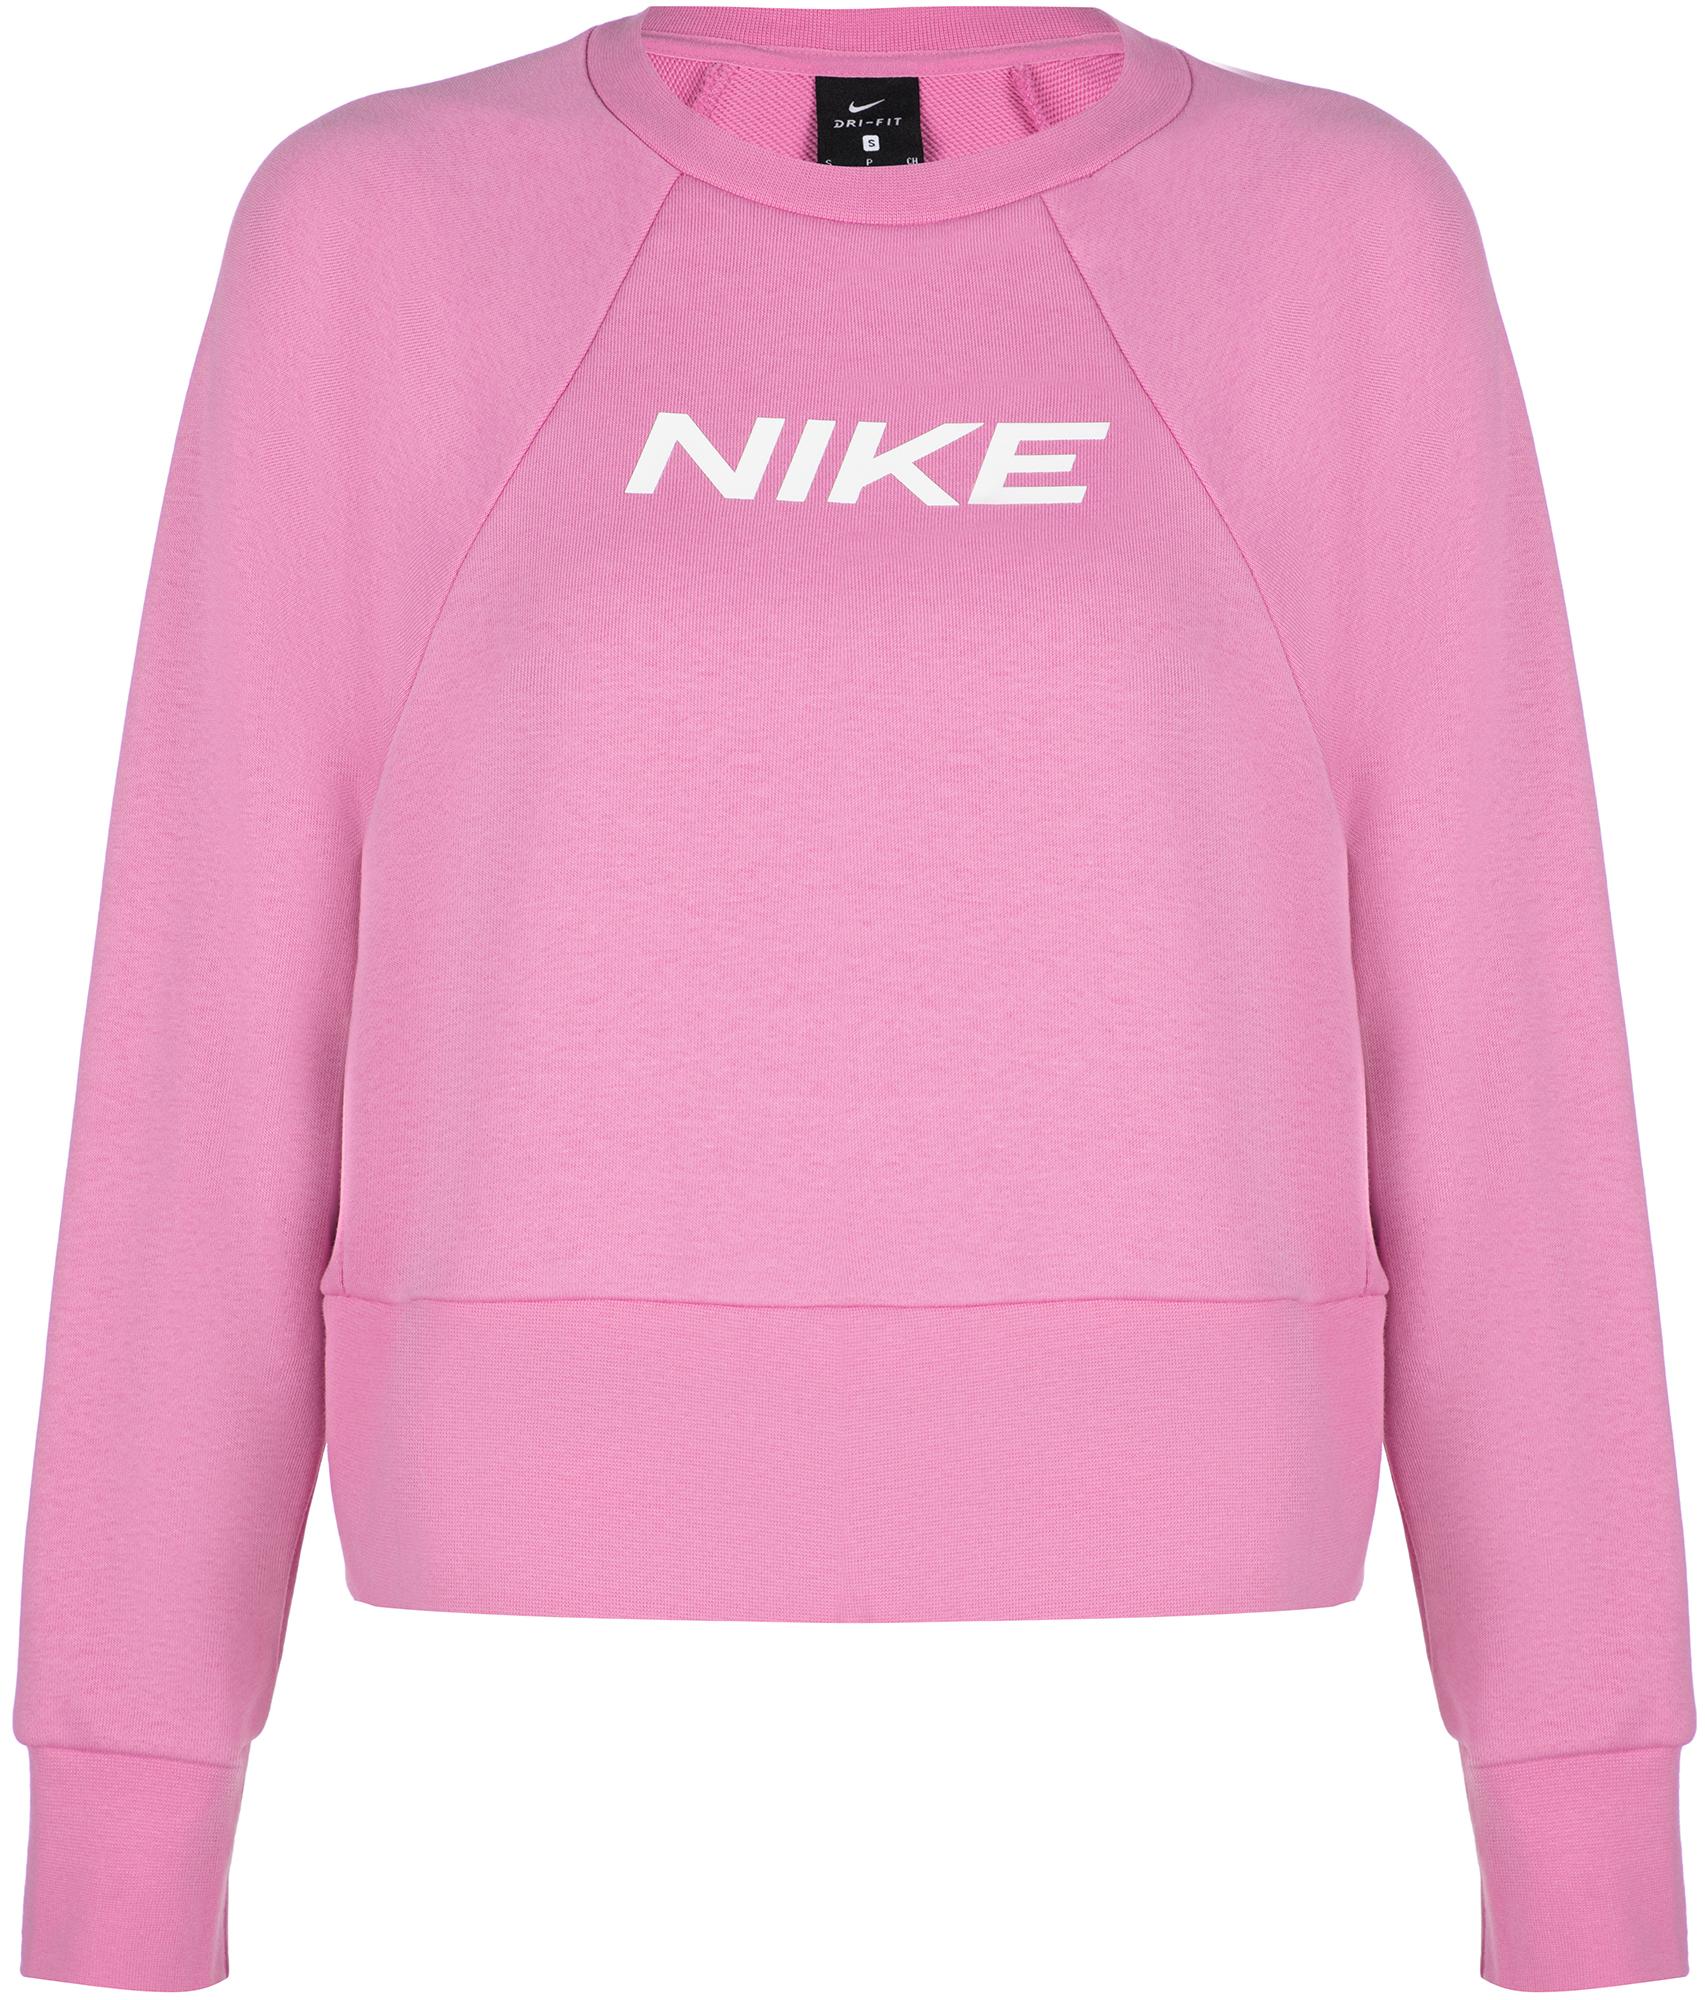 Nike Свитшот женский Nike Dri-FIT Get Fit, размер 48-50 цена в Москве и Питере